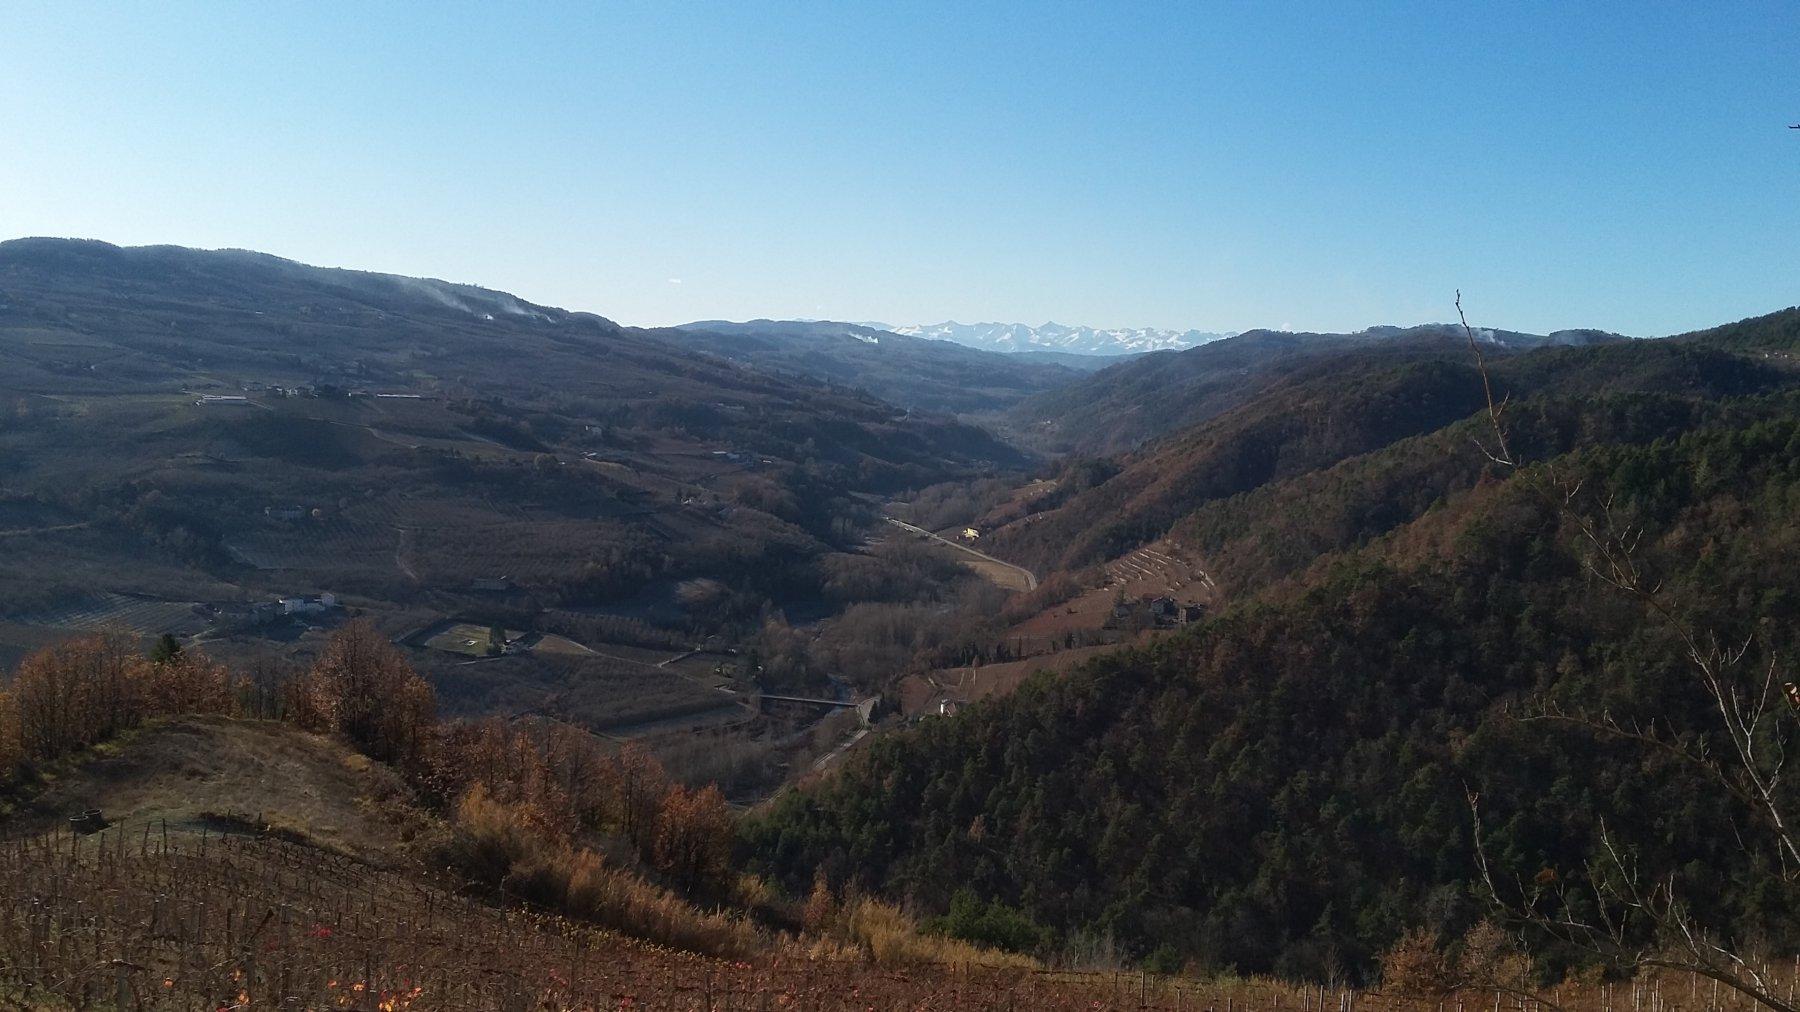 l'alta valle del Belbo